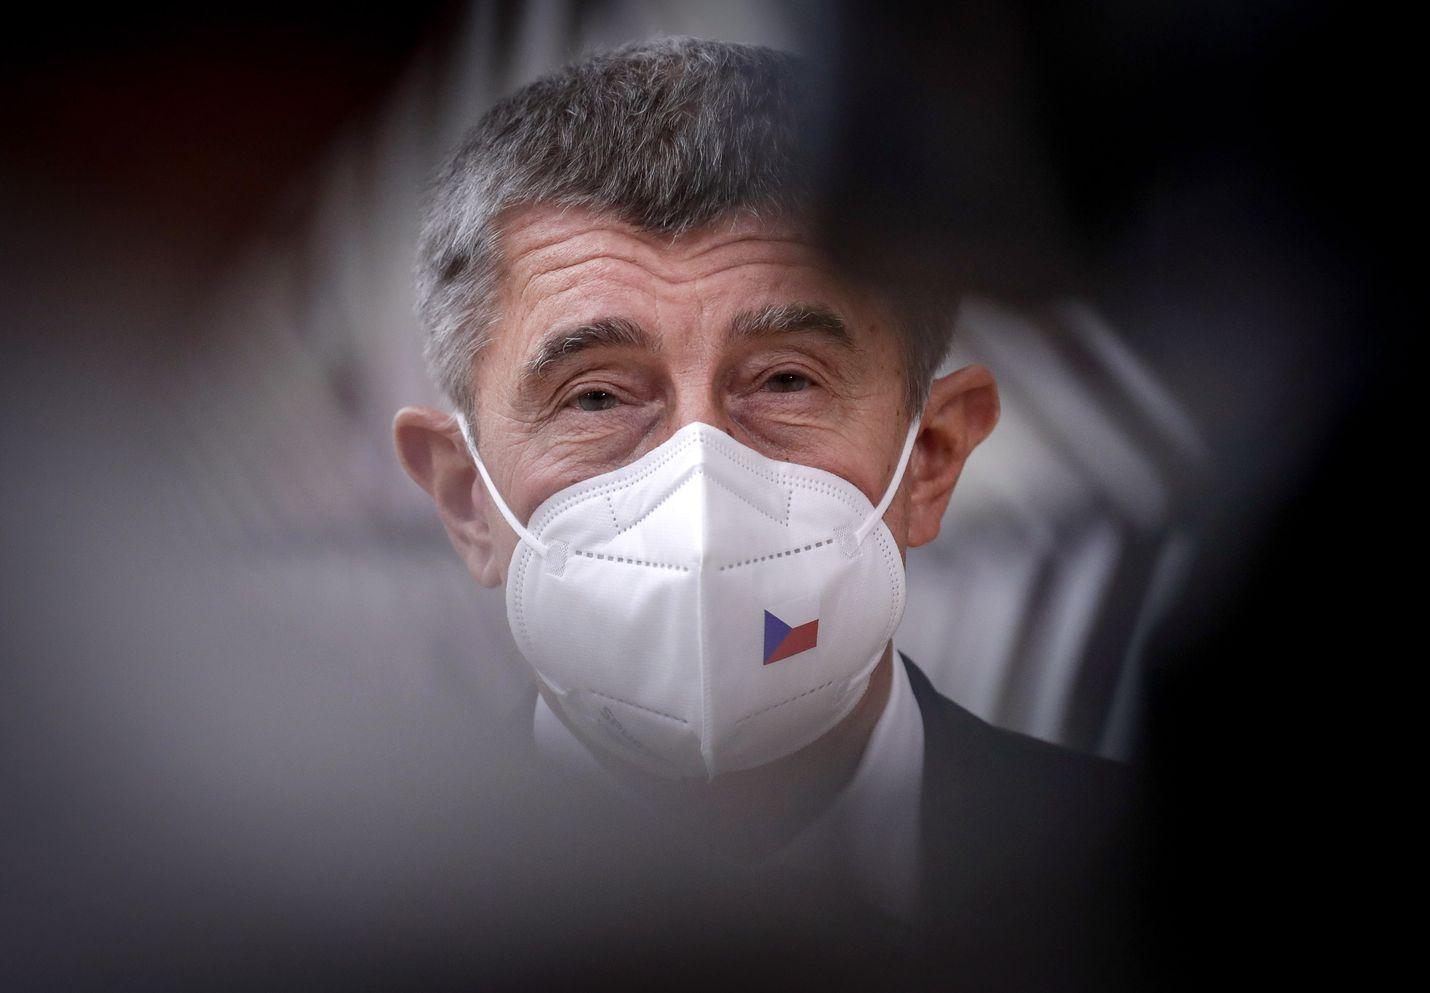 Tsekin pääministeri Andrej Babis sanoi huippukokouksessa, että Tsekki on valmis sitoutumaan 55 prosentin päästötavoitteeseen, mikäli se toteutetaan EU:n laajuisesti eikä kansallisesti.